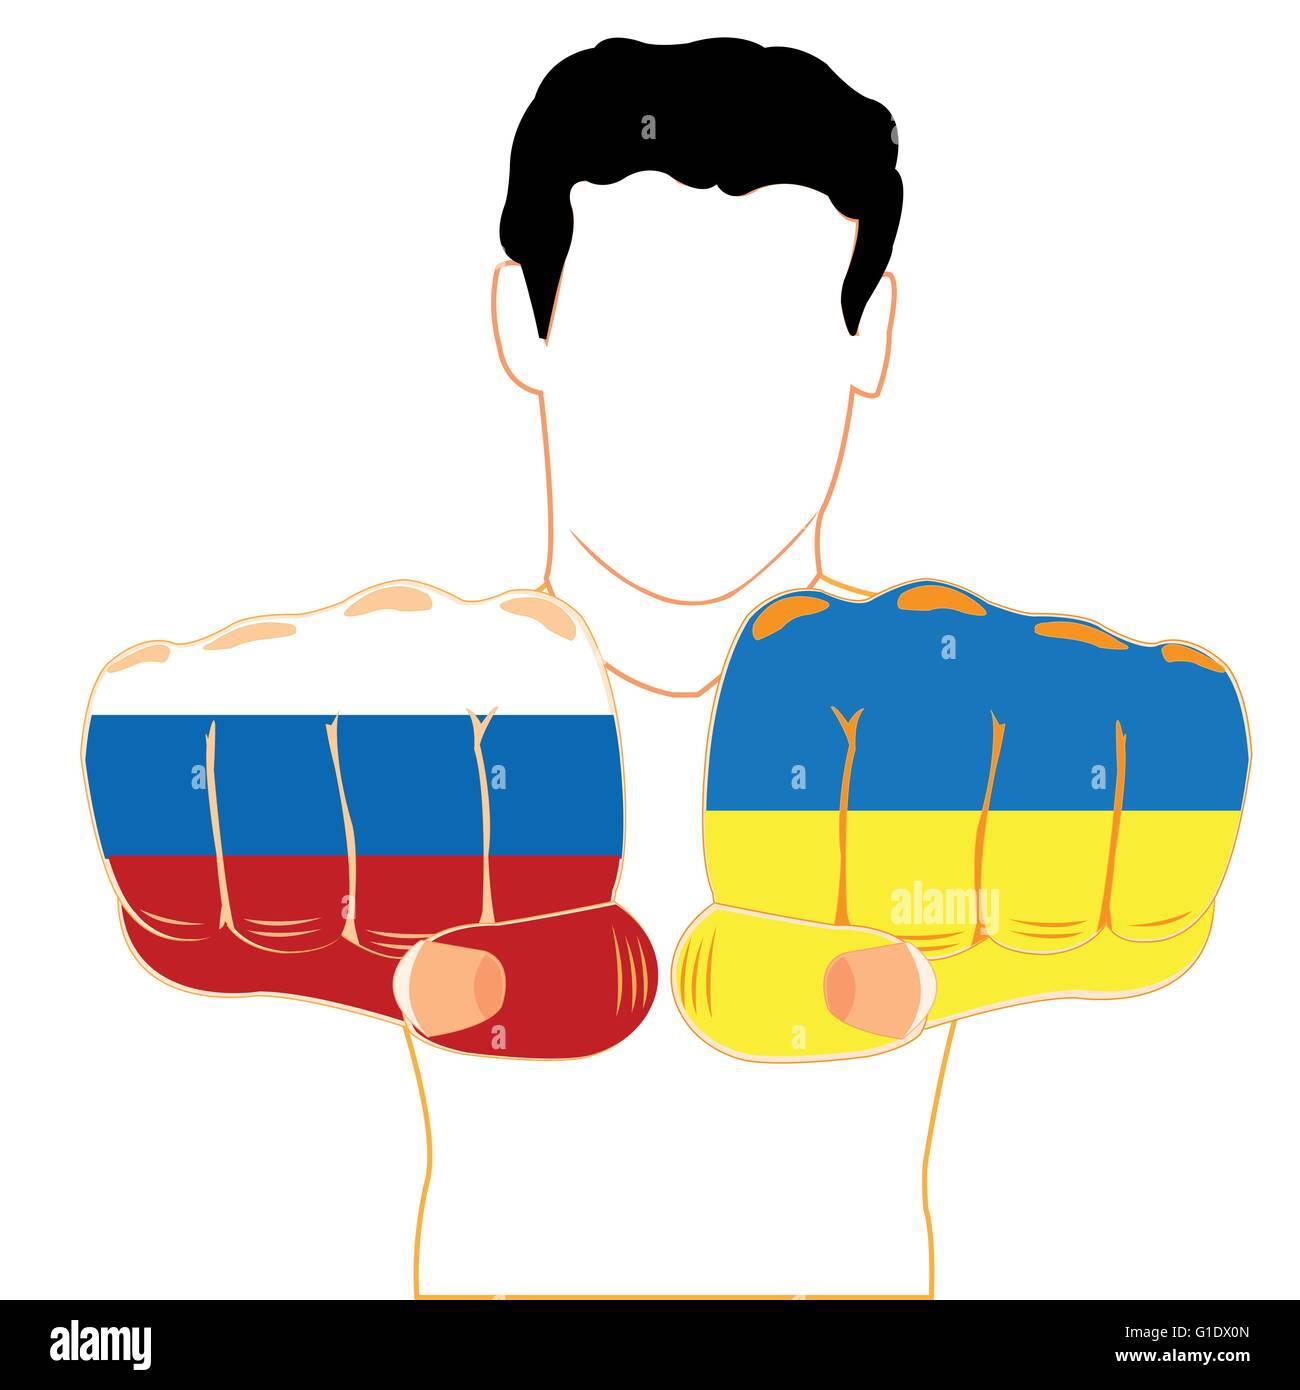 Les hommes de silhouette avec onward fist peint en couleur du drapeau de l'Ukraine et la russie Photo Stock